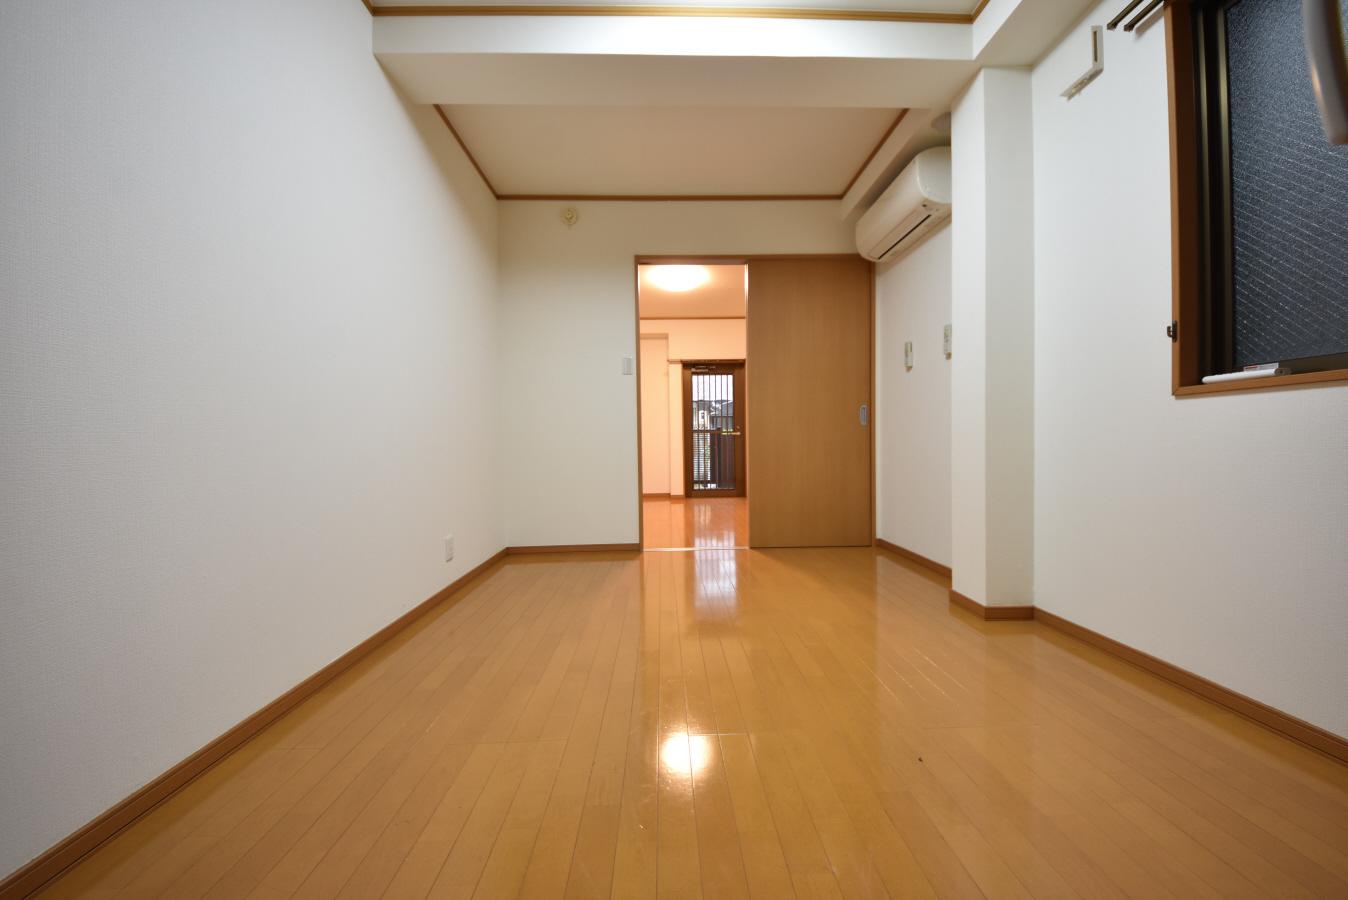 物件番号: 1025884190 リーフハイツ999  神戸市中央区雲井通3丁目 1LDK マンション 画像2